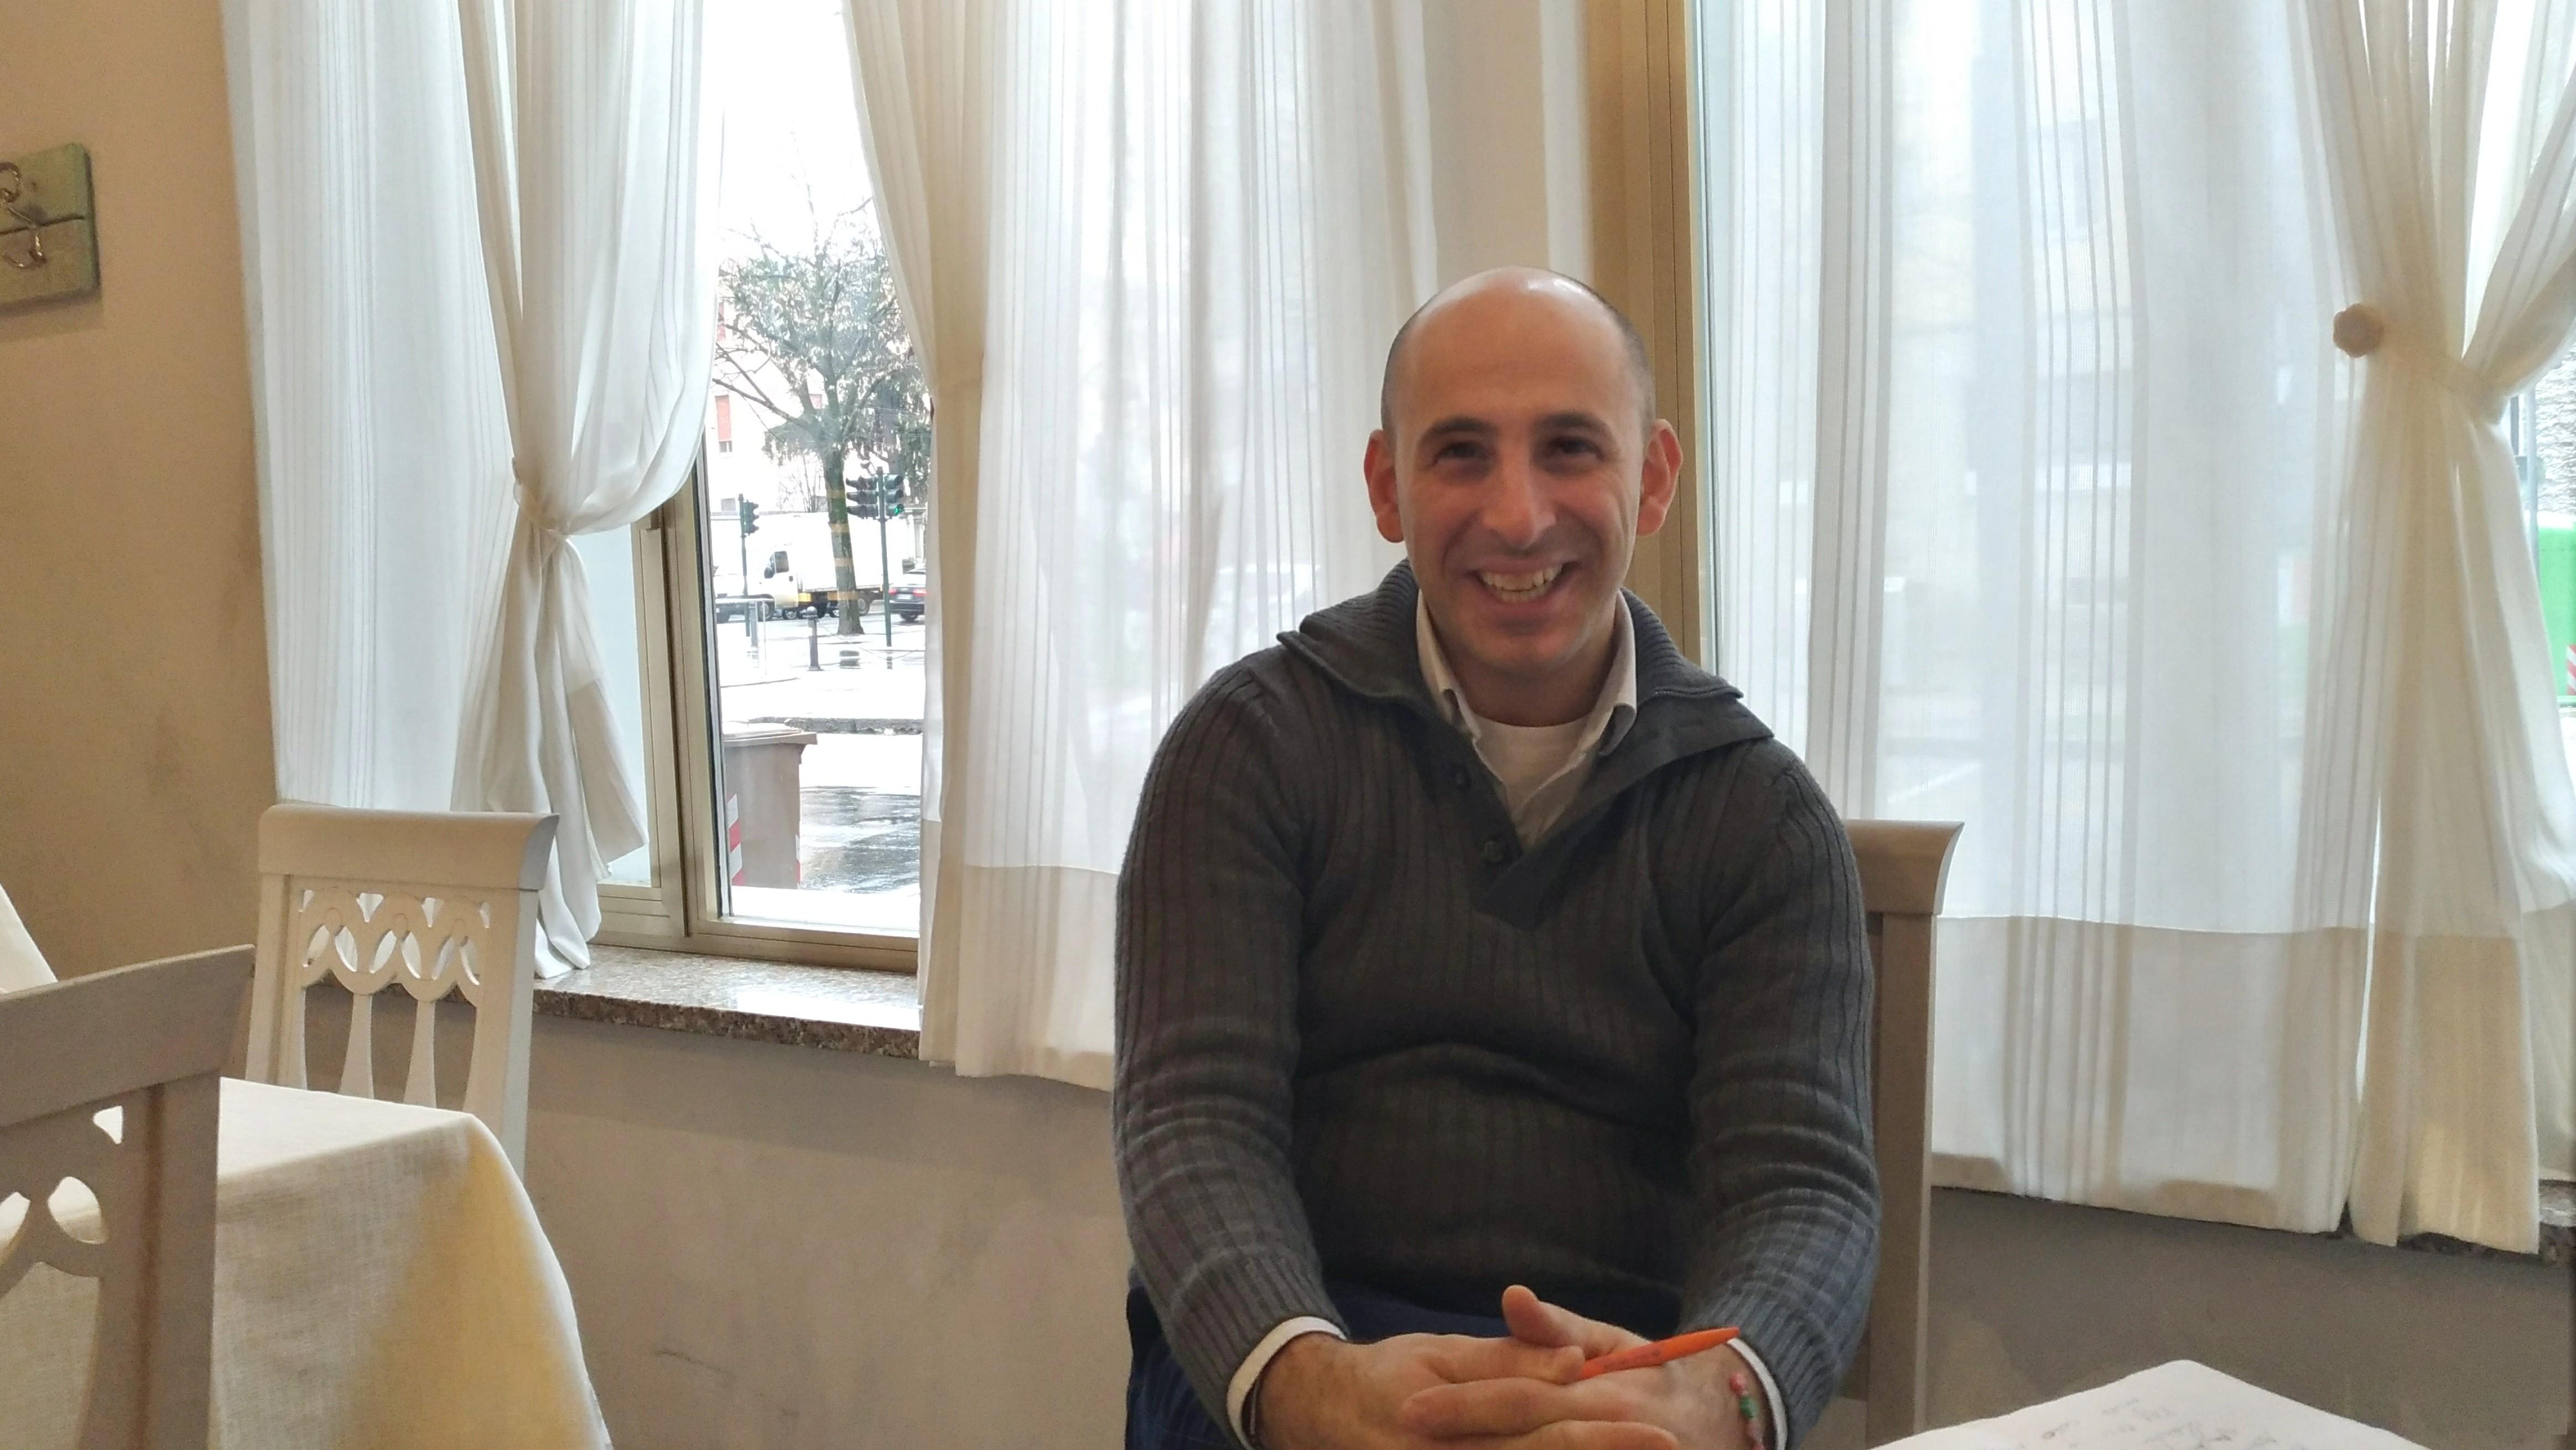 Salvatore Buonocore-bas | Directeur général restaurant pizzeria Luna Blu à Parme